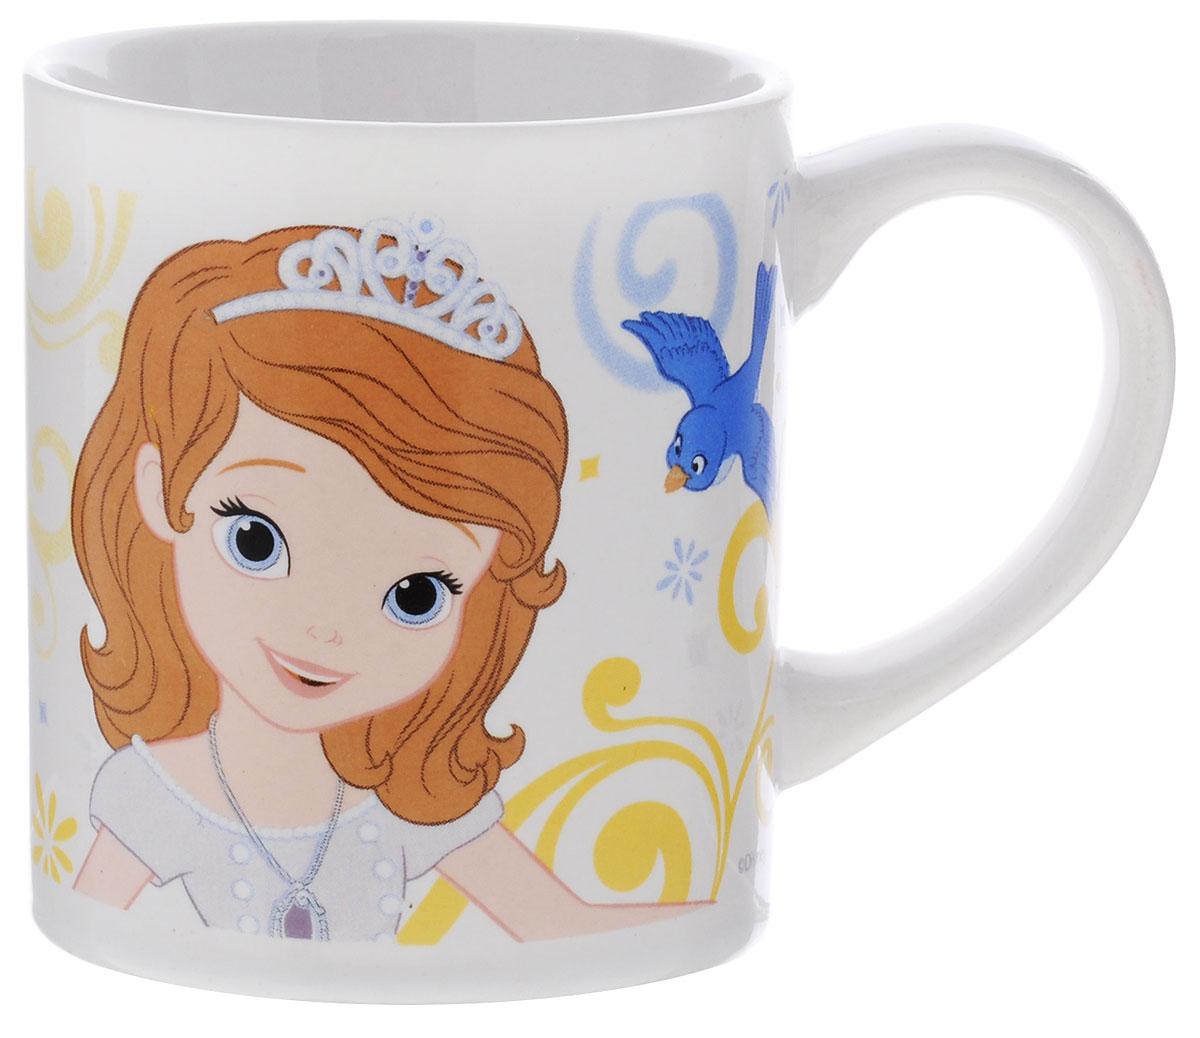 Фото - Stor Кружка детская Принцесса София Прекрасная 220 мл кружка детская disney софия 27015